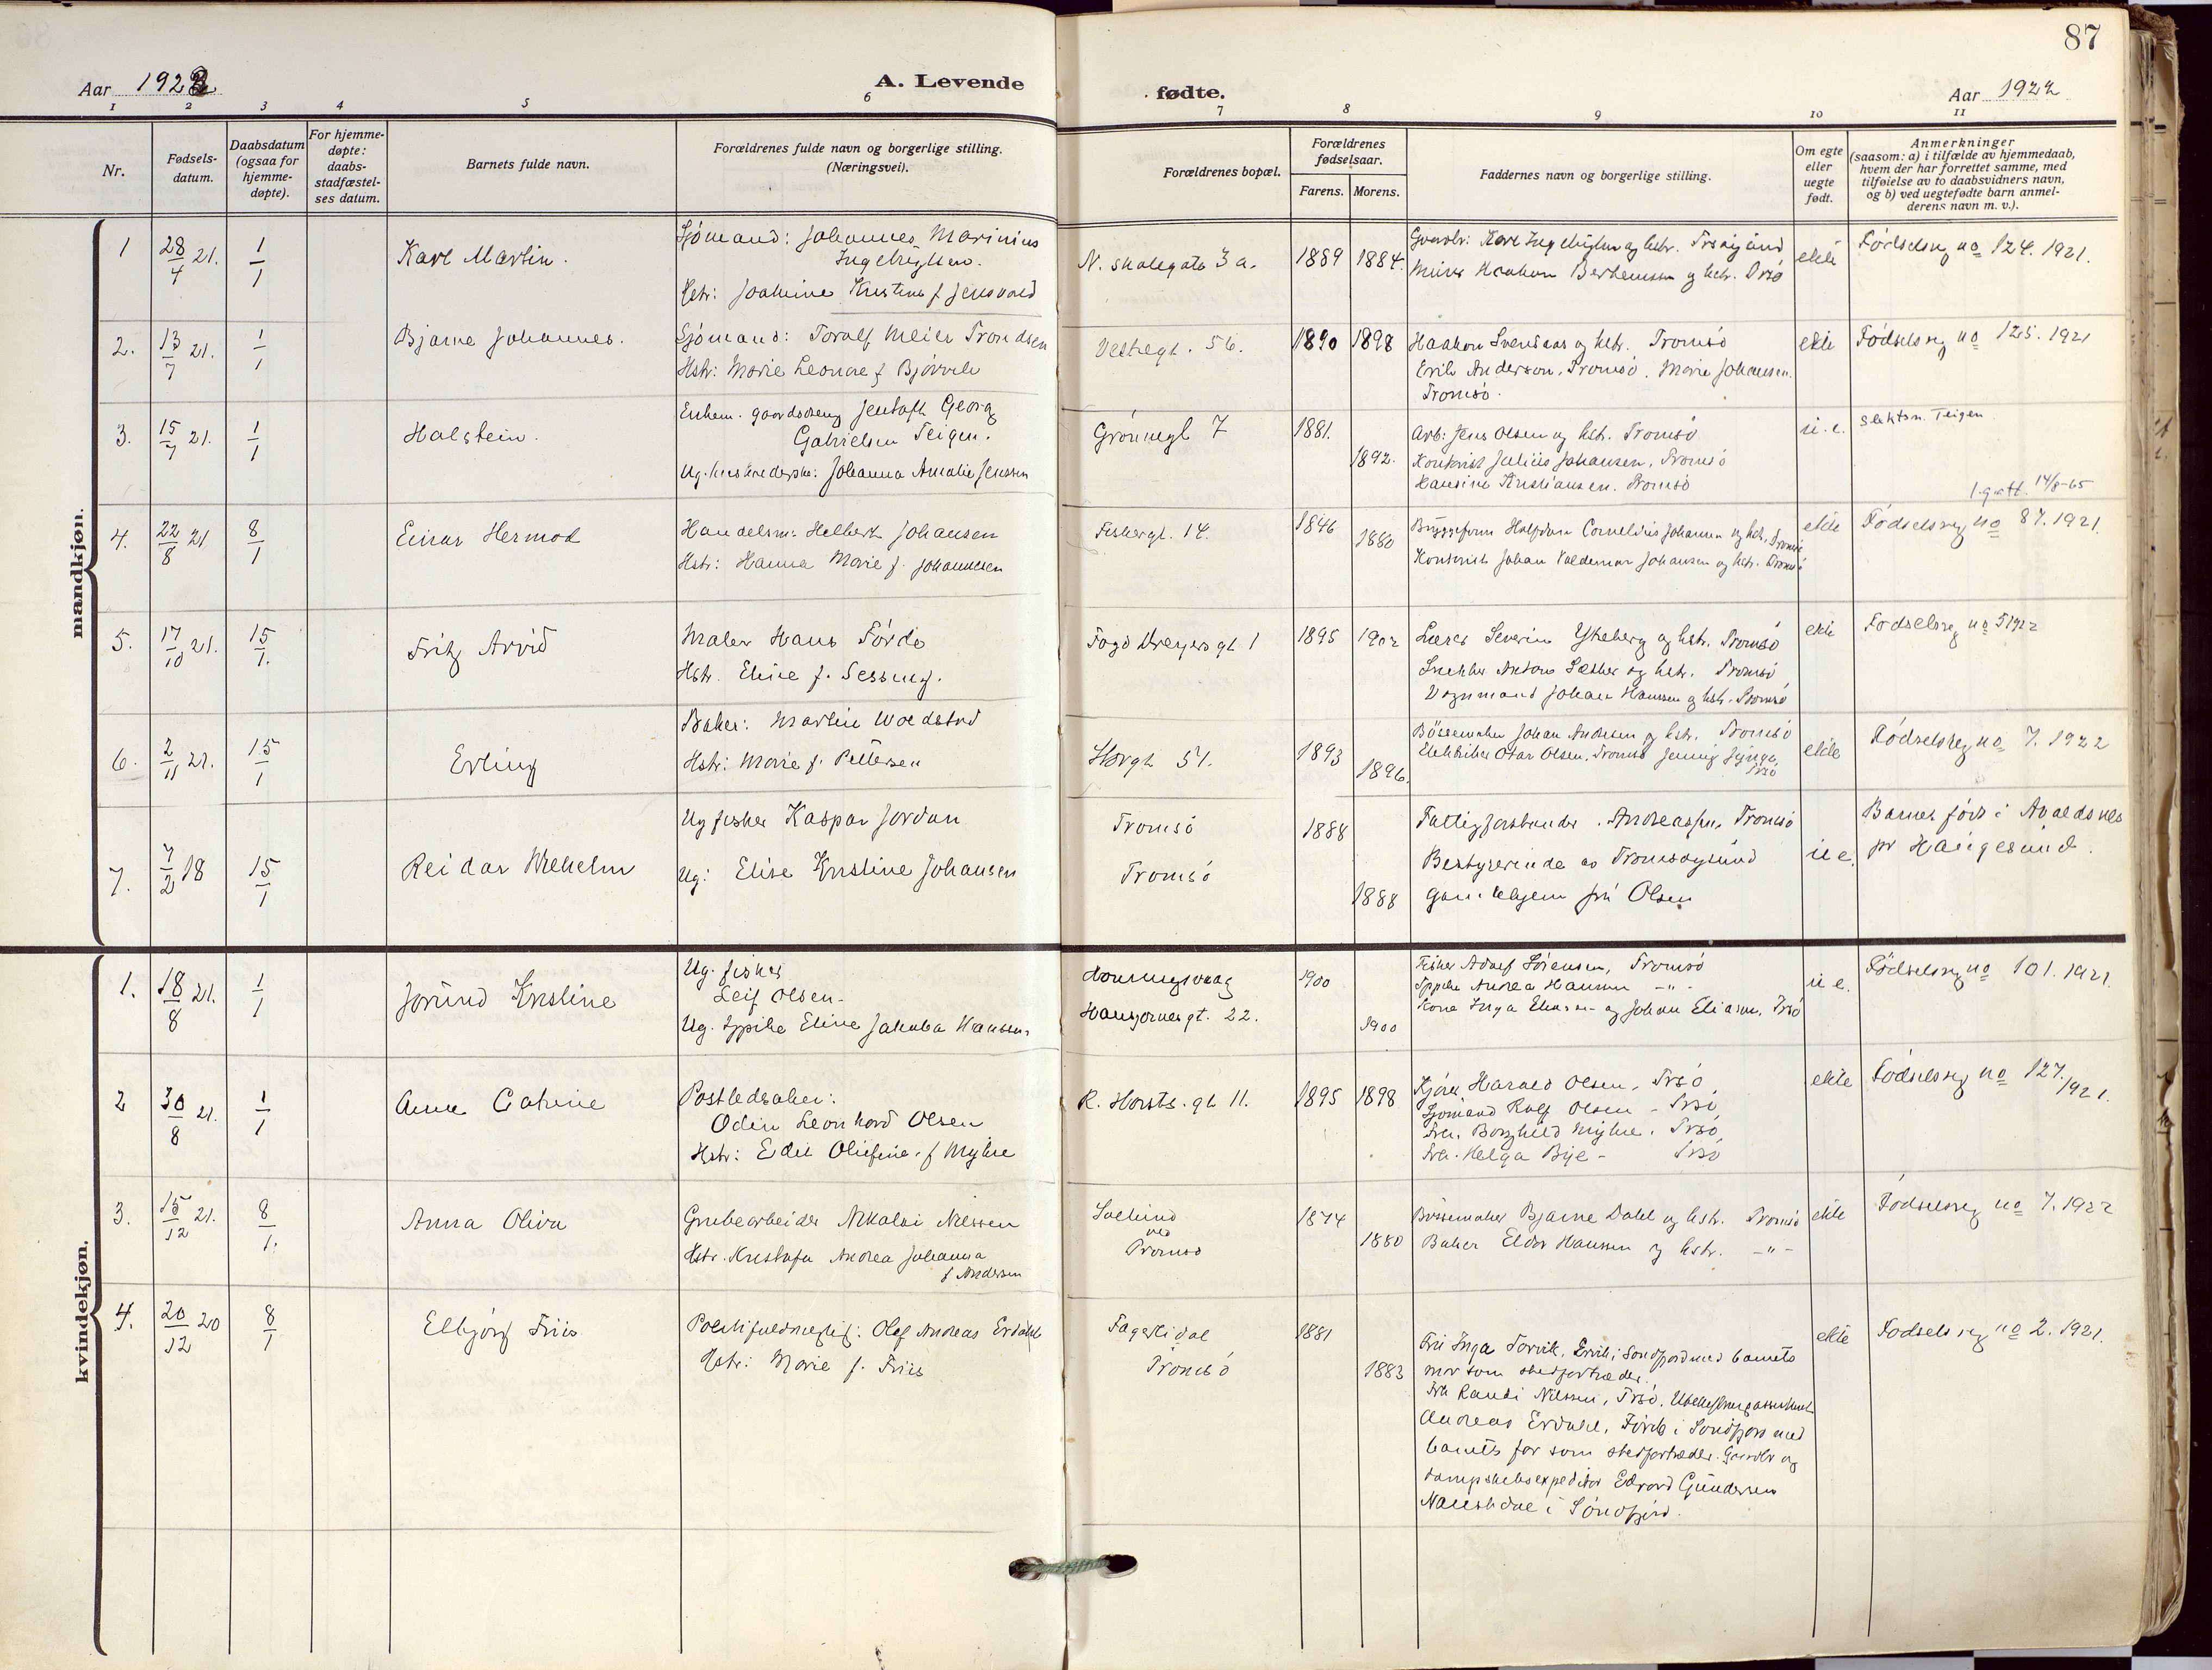 SATØ, Tromsø sokneprestkontor/stiftsprosti/domprosti, G/Ga/L0019kirke: Ministerialbok nr. 19, 1917-1927, s. 87